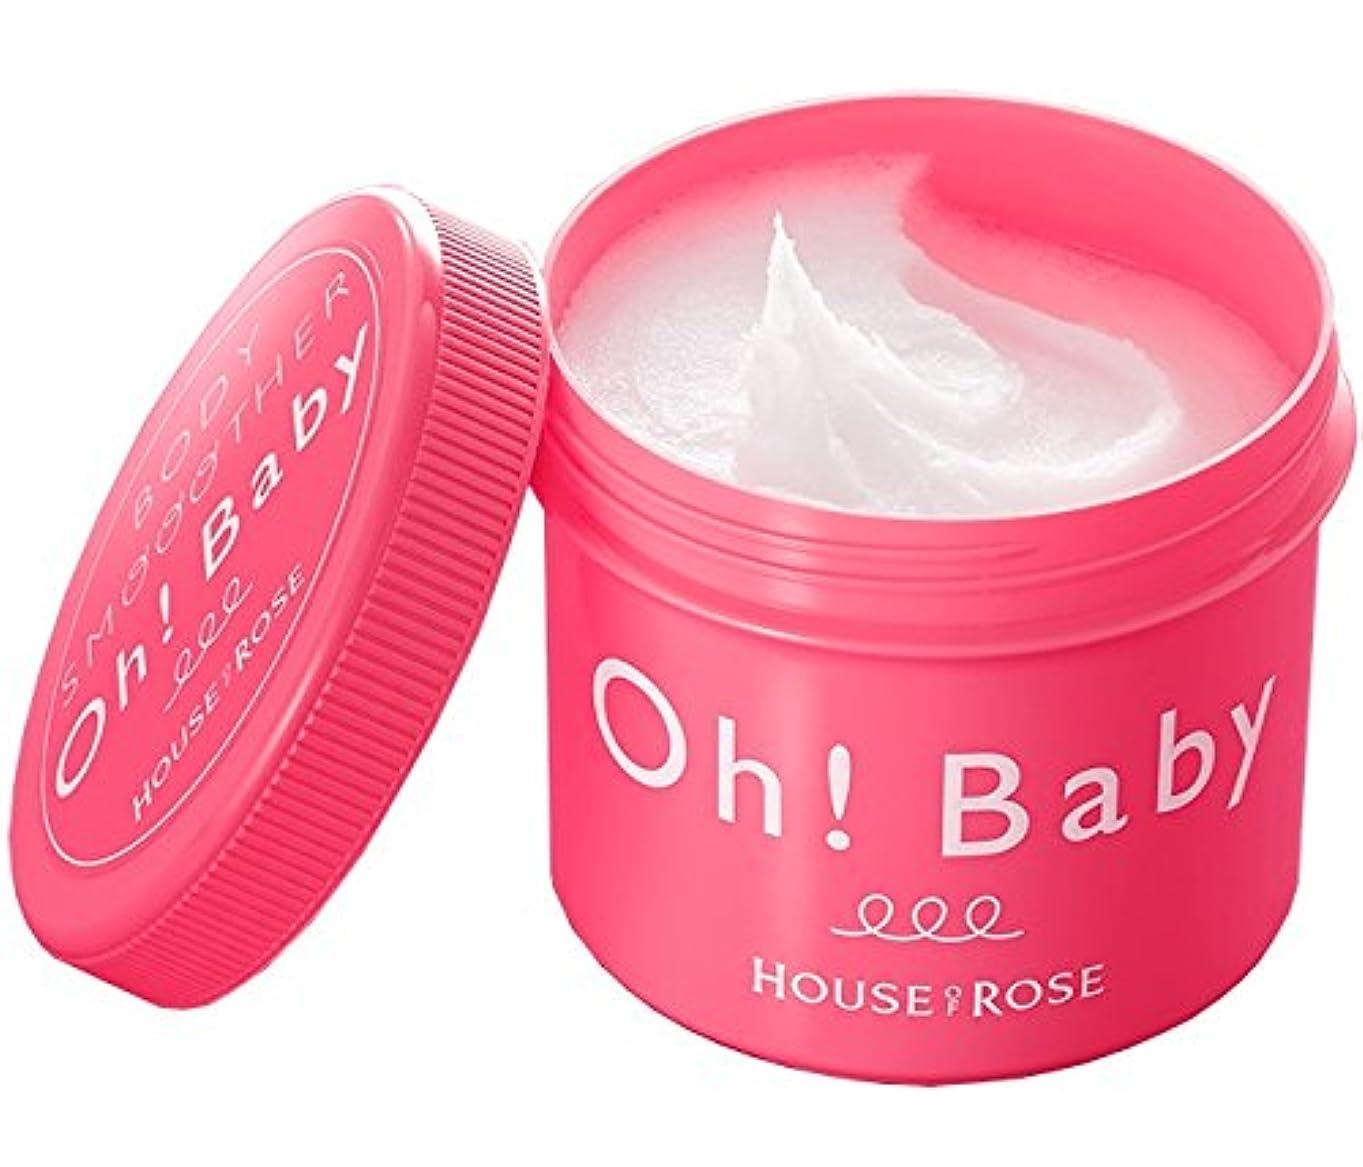 剃るフルーツタブレットHOUSE OF ROSE ハウスオブローゼ ギフトラッピング&ショップバッグ付 Oh! Baby ボディ スムーザー N